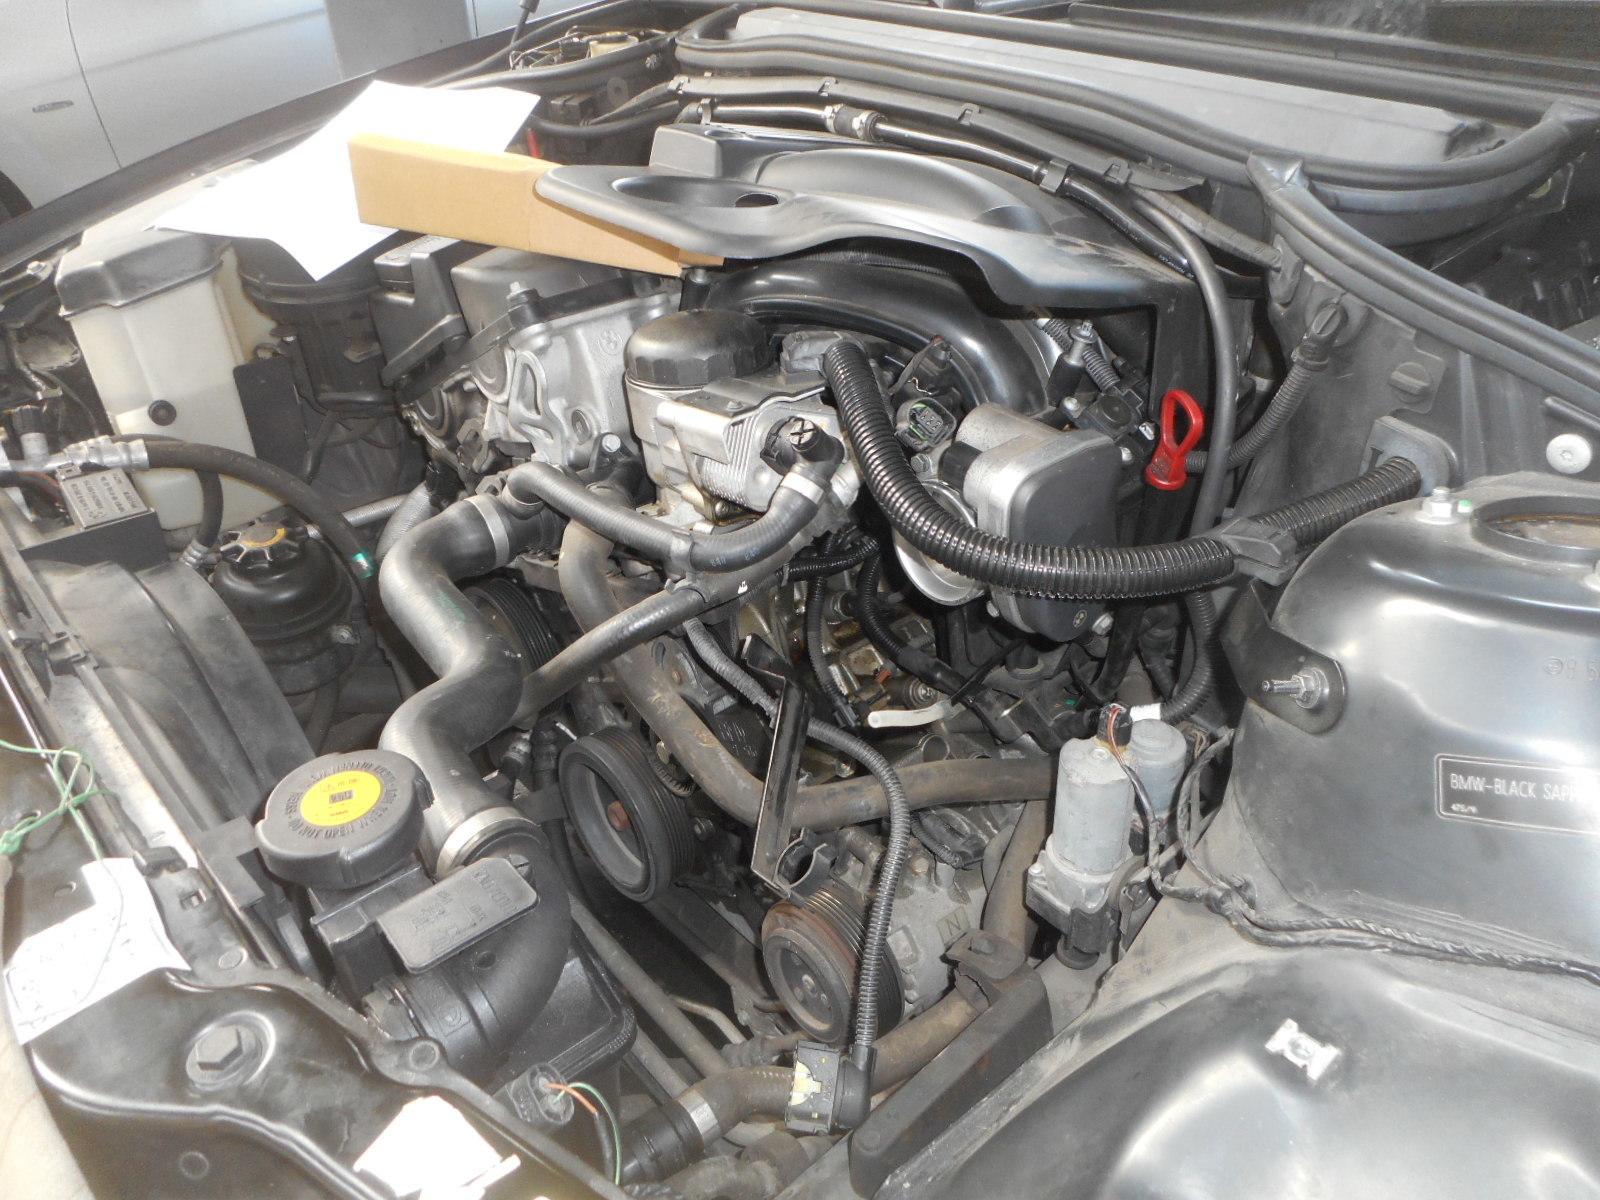 BMW 320i(E46) 充電警告灯点灯 修理(オルタネータ交換)_c0267693_15075001.jpg